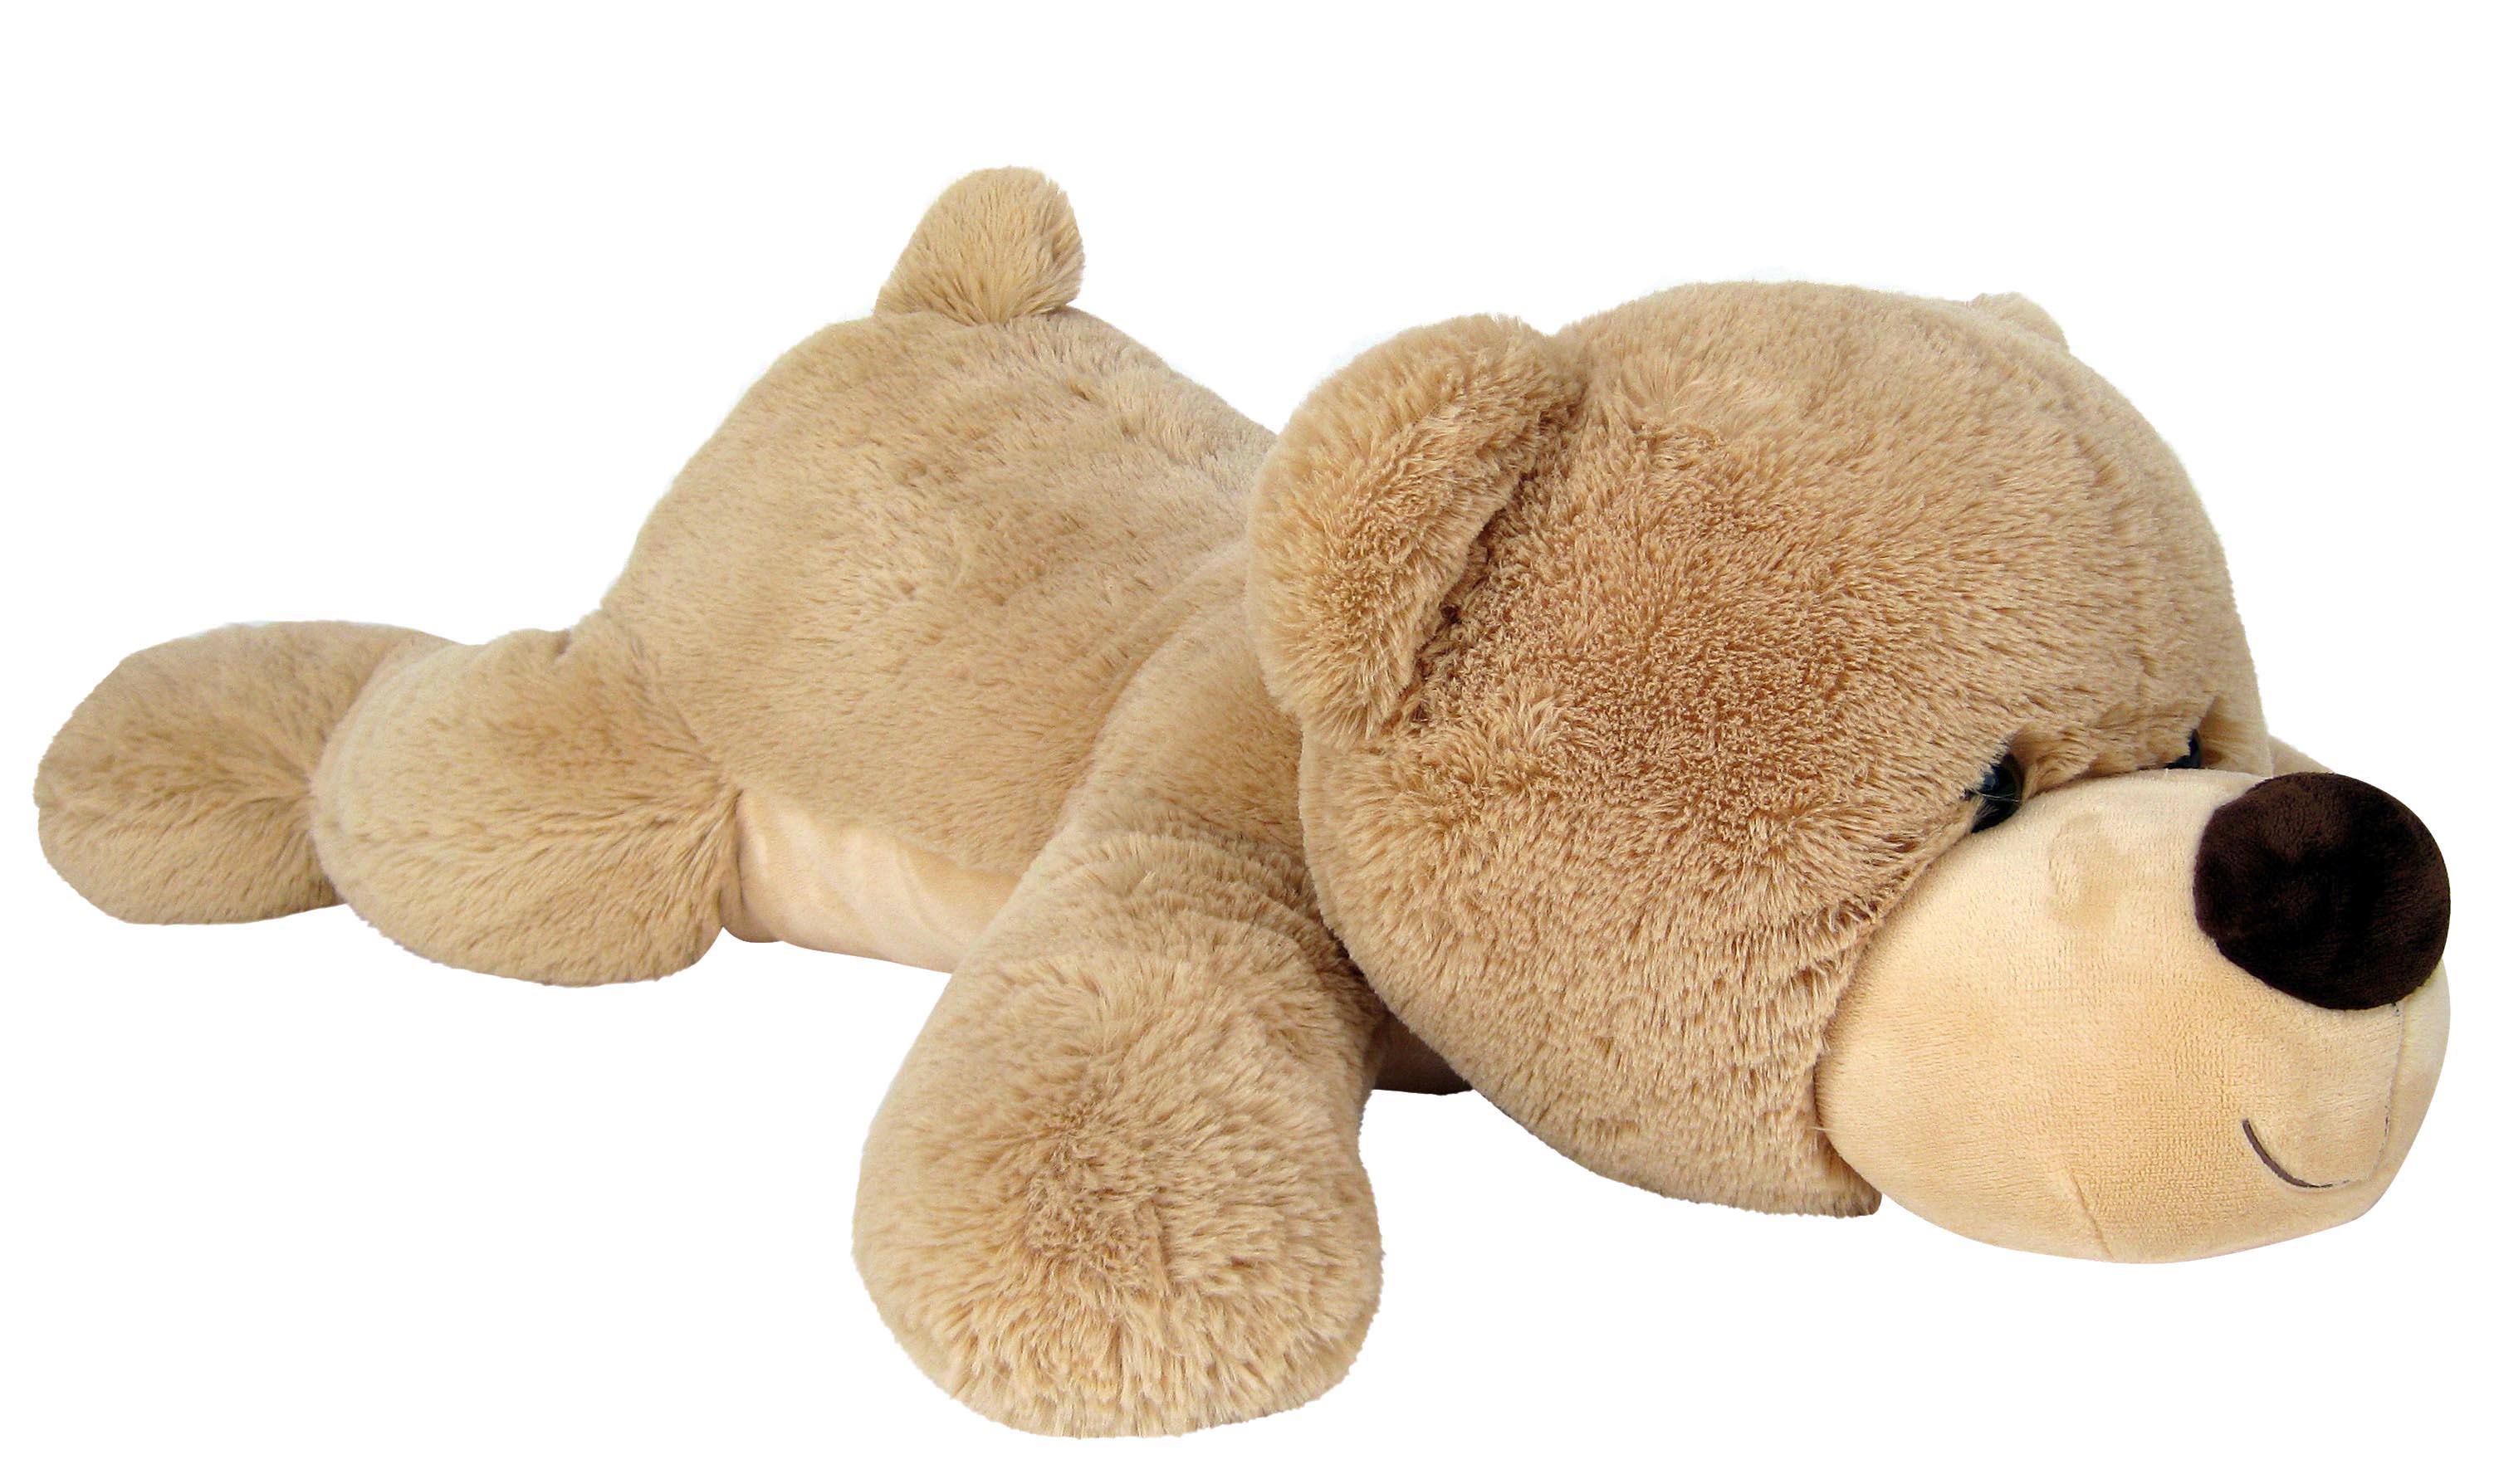 xxl riesen teddyb r 140 cm gro beige liegend kuschelqualit t vom feinsten. Black Bedroom Furniture Sets. Home Design Ideas